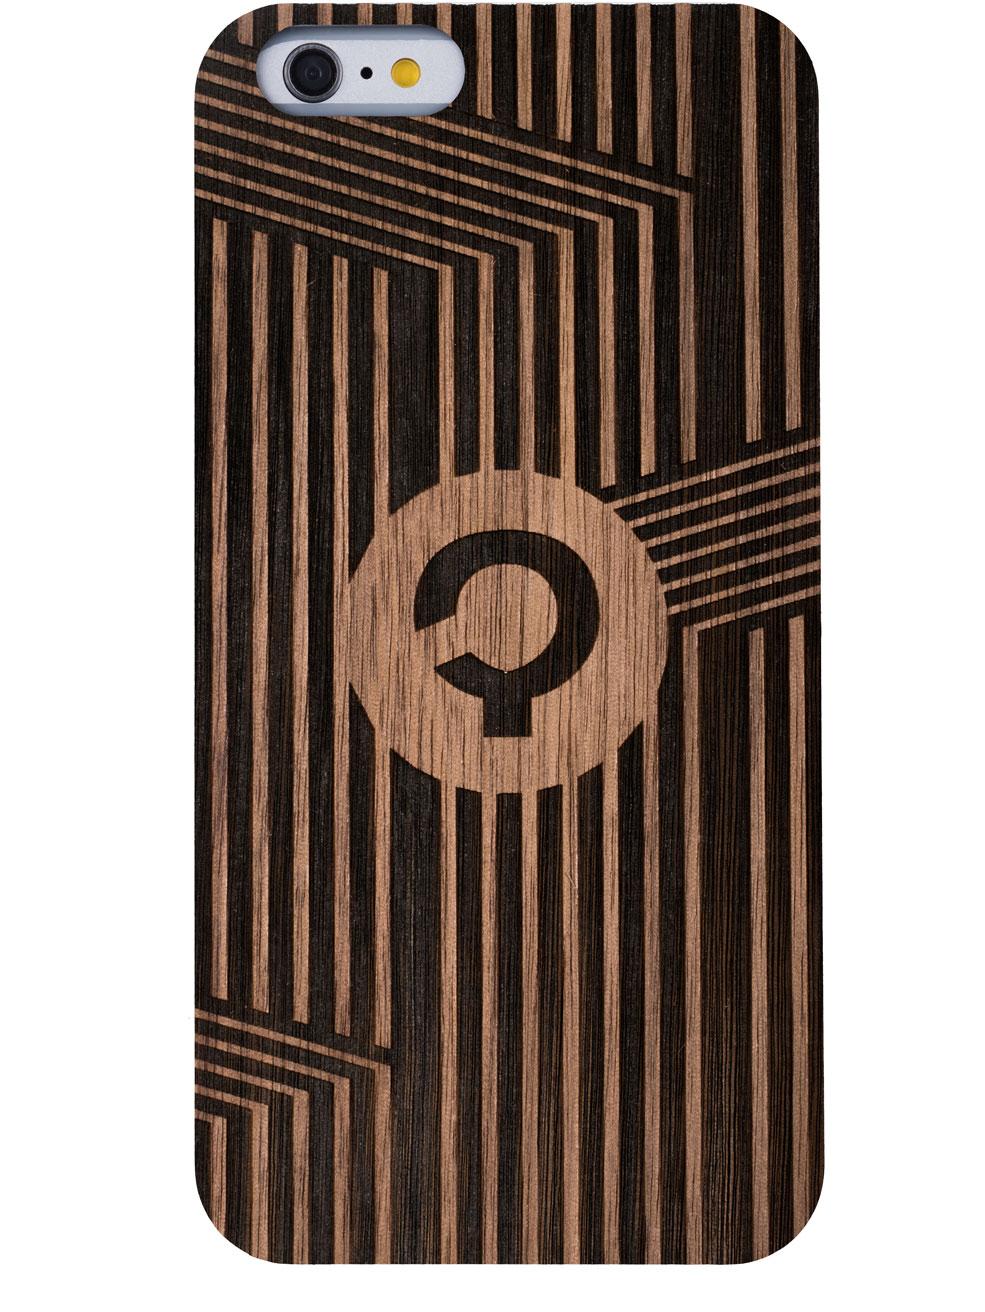 Wooden-case-iPhone-6-plus-Orzech-Vertical